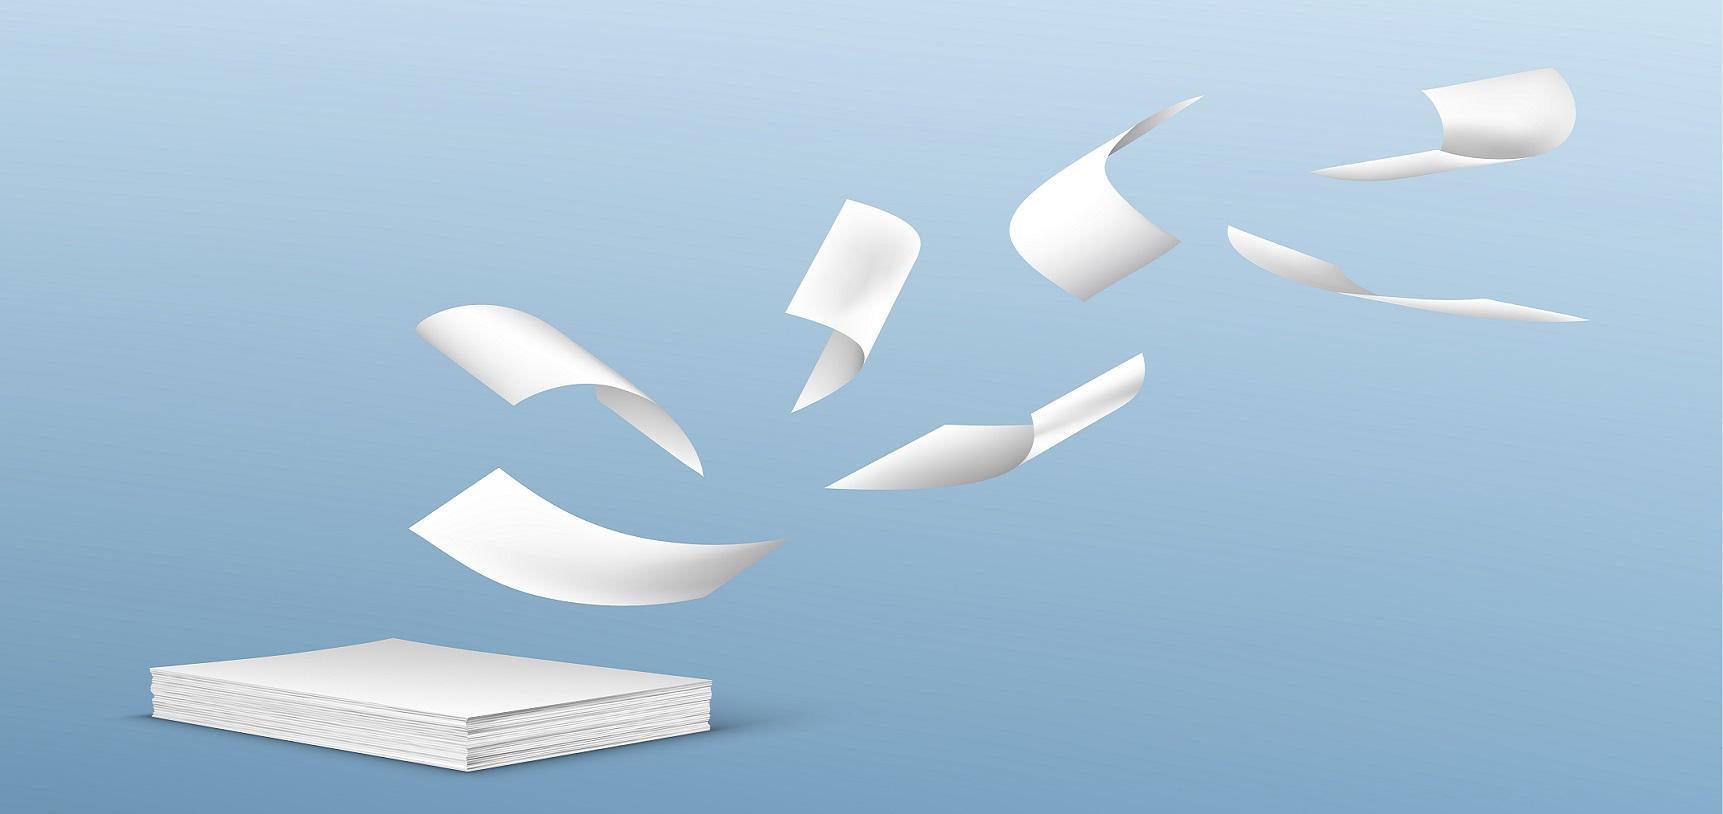 کاغذ مناسب چه ویژگی هایی باید داشته باشد؟